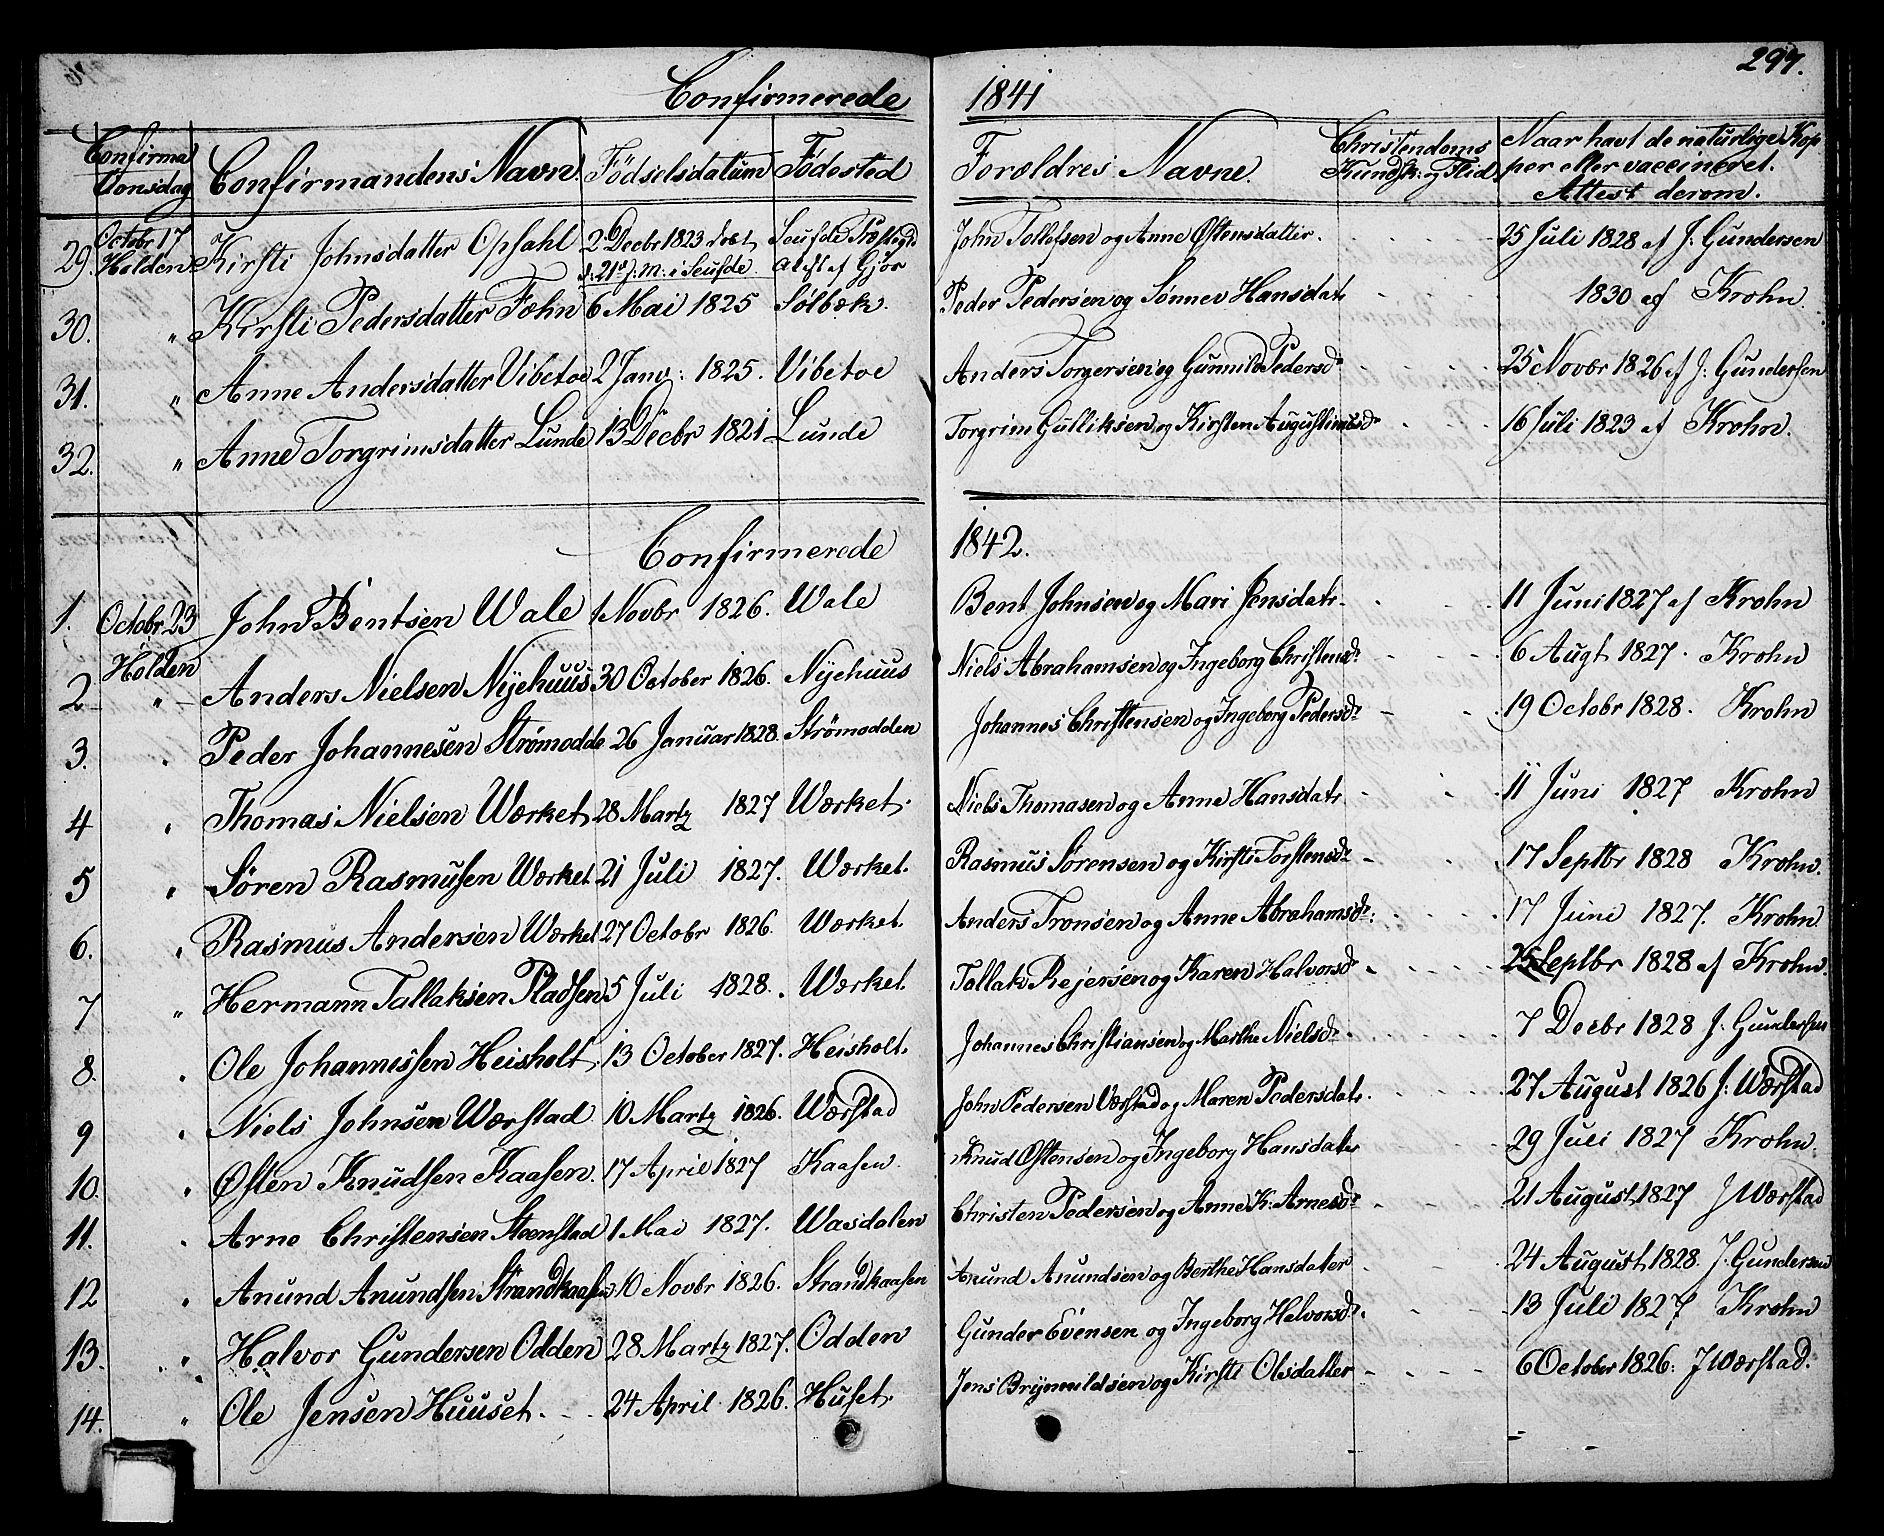 SAKO, Holla kirkebøker, G/Ga/L0002: Klokkerbok nr. I 2, 1830-1848, s. 297